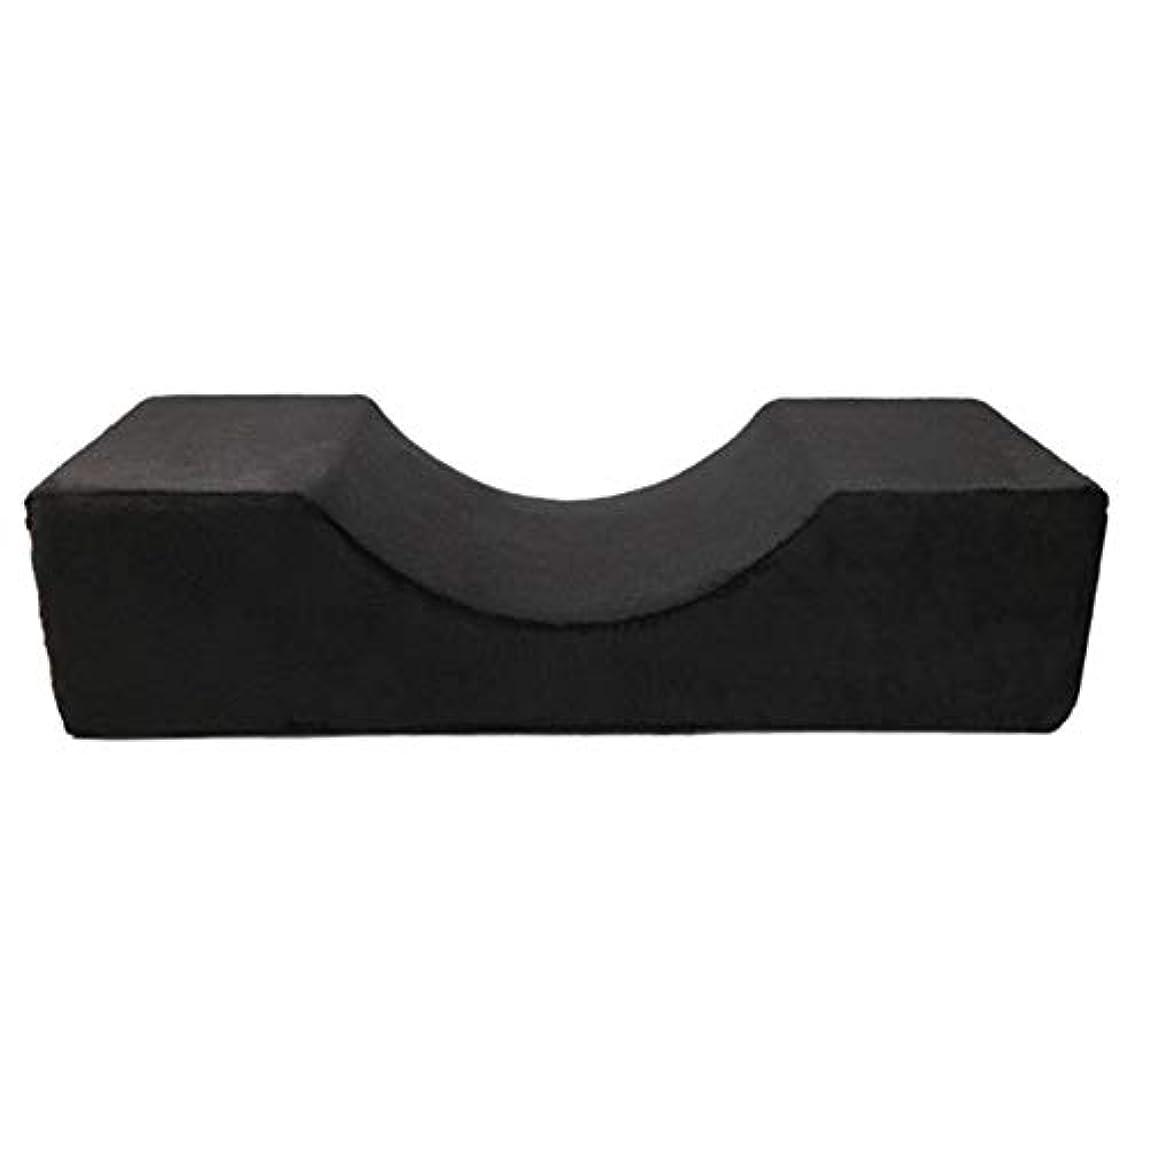 シャックルイブノートBlulux まつげ移植美容枕PUレザー防水まつげ枕移植まつげ枕(opp袋)